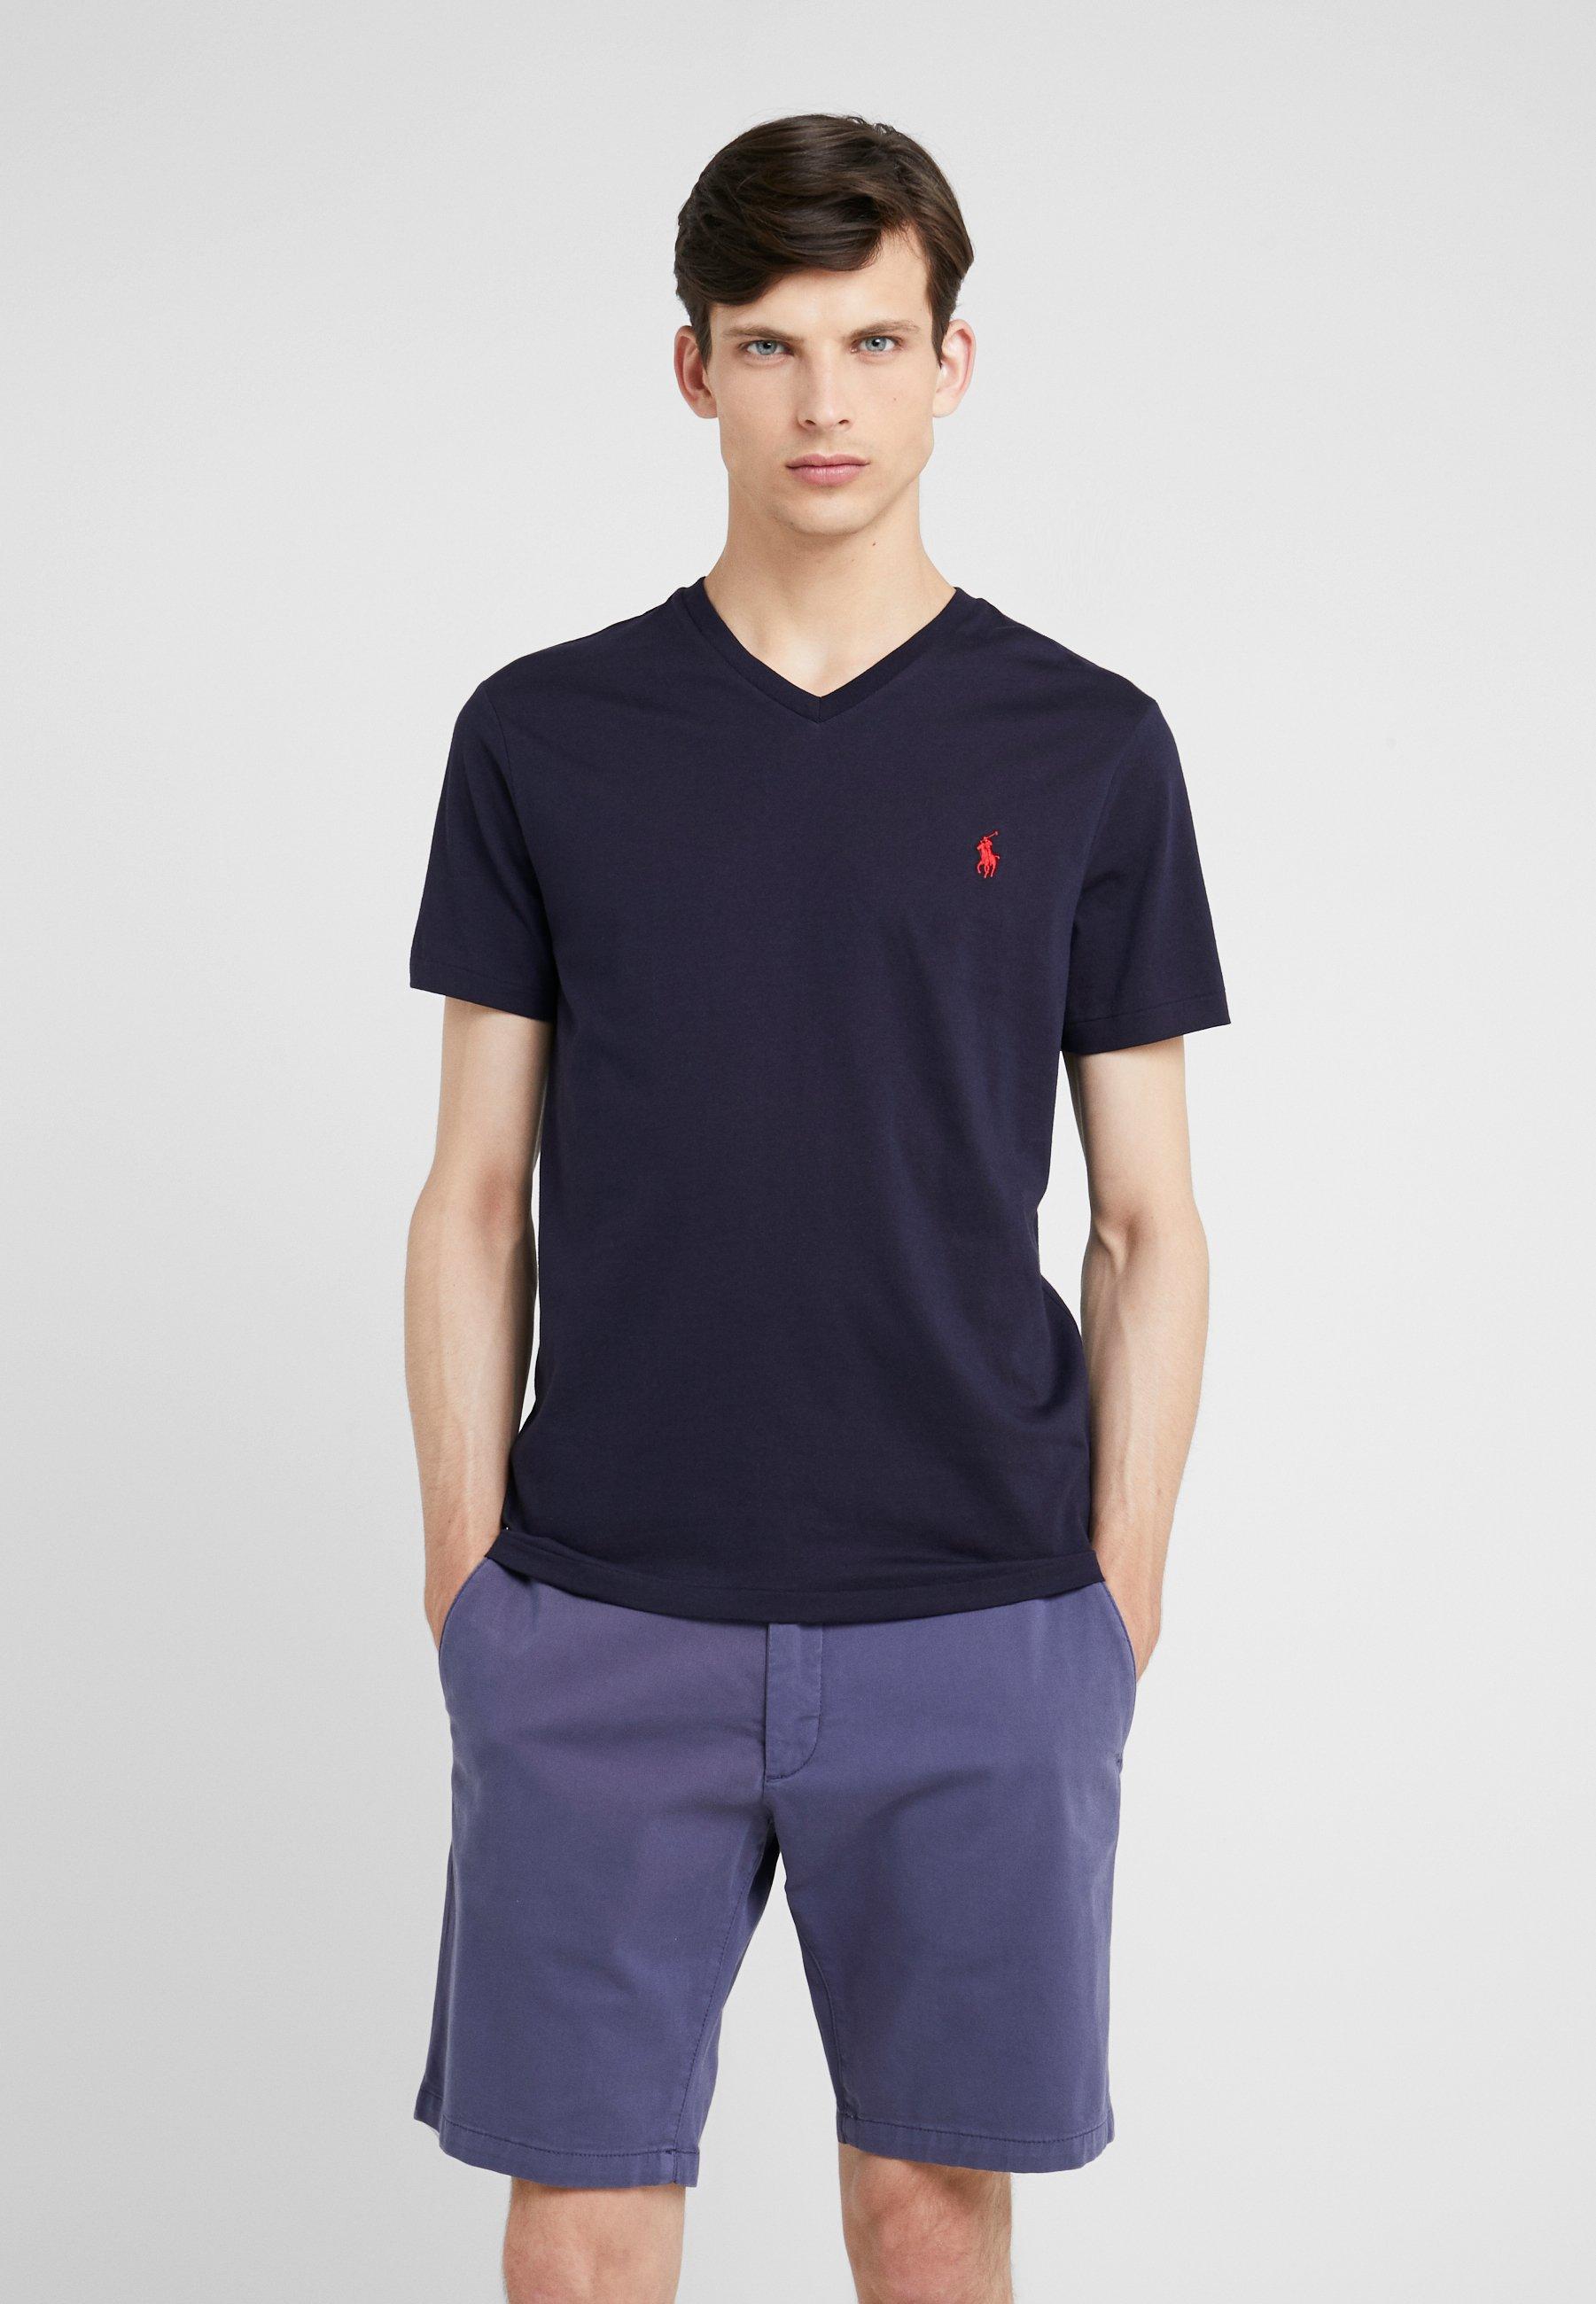 Homme CUSTOM SLIM FIT JERSEY V-NECK T-SHIRT - T-shirt basique